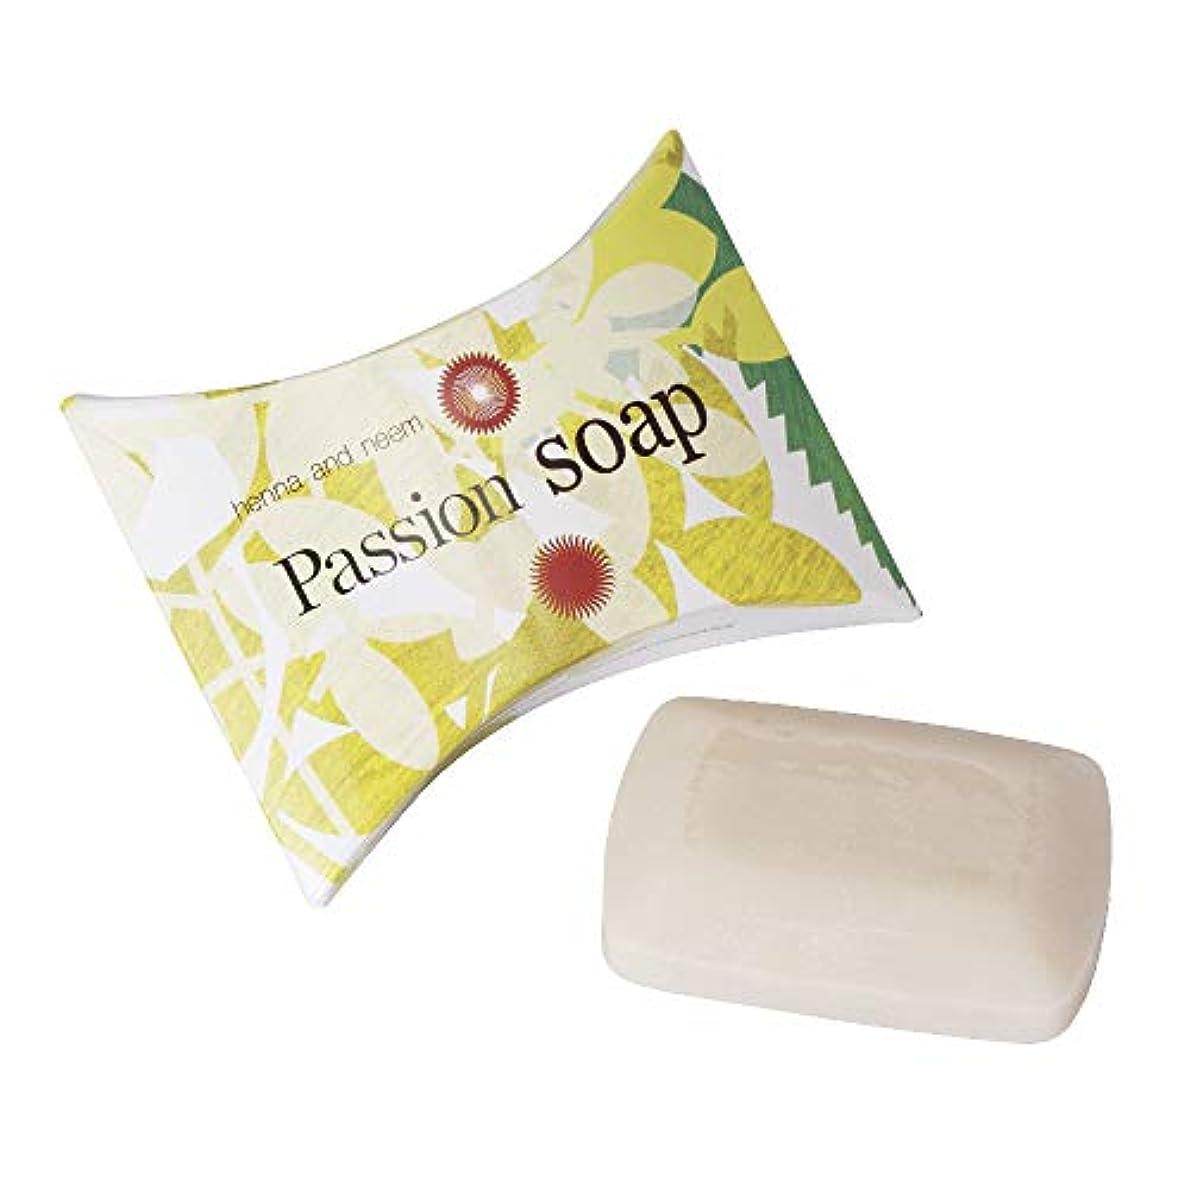 あからさま主要な代わりにを立てるヘナソープ PASSION SOAP 天然サポニンで洗う優しいハーブ石鹸